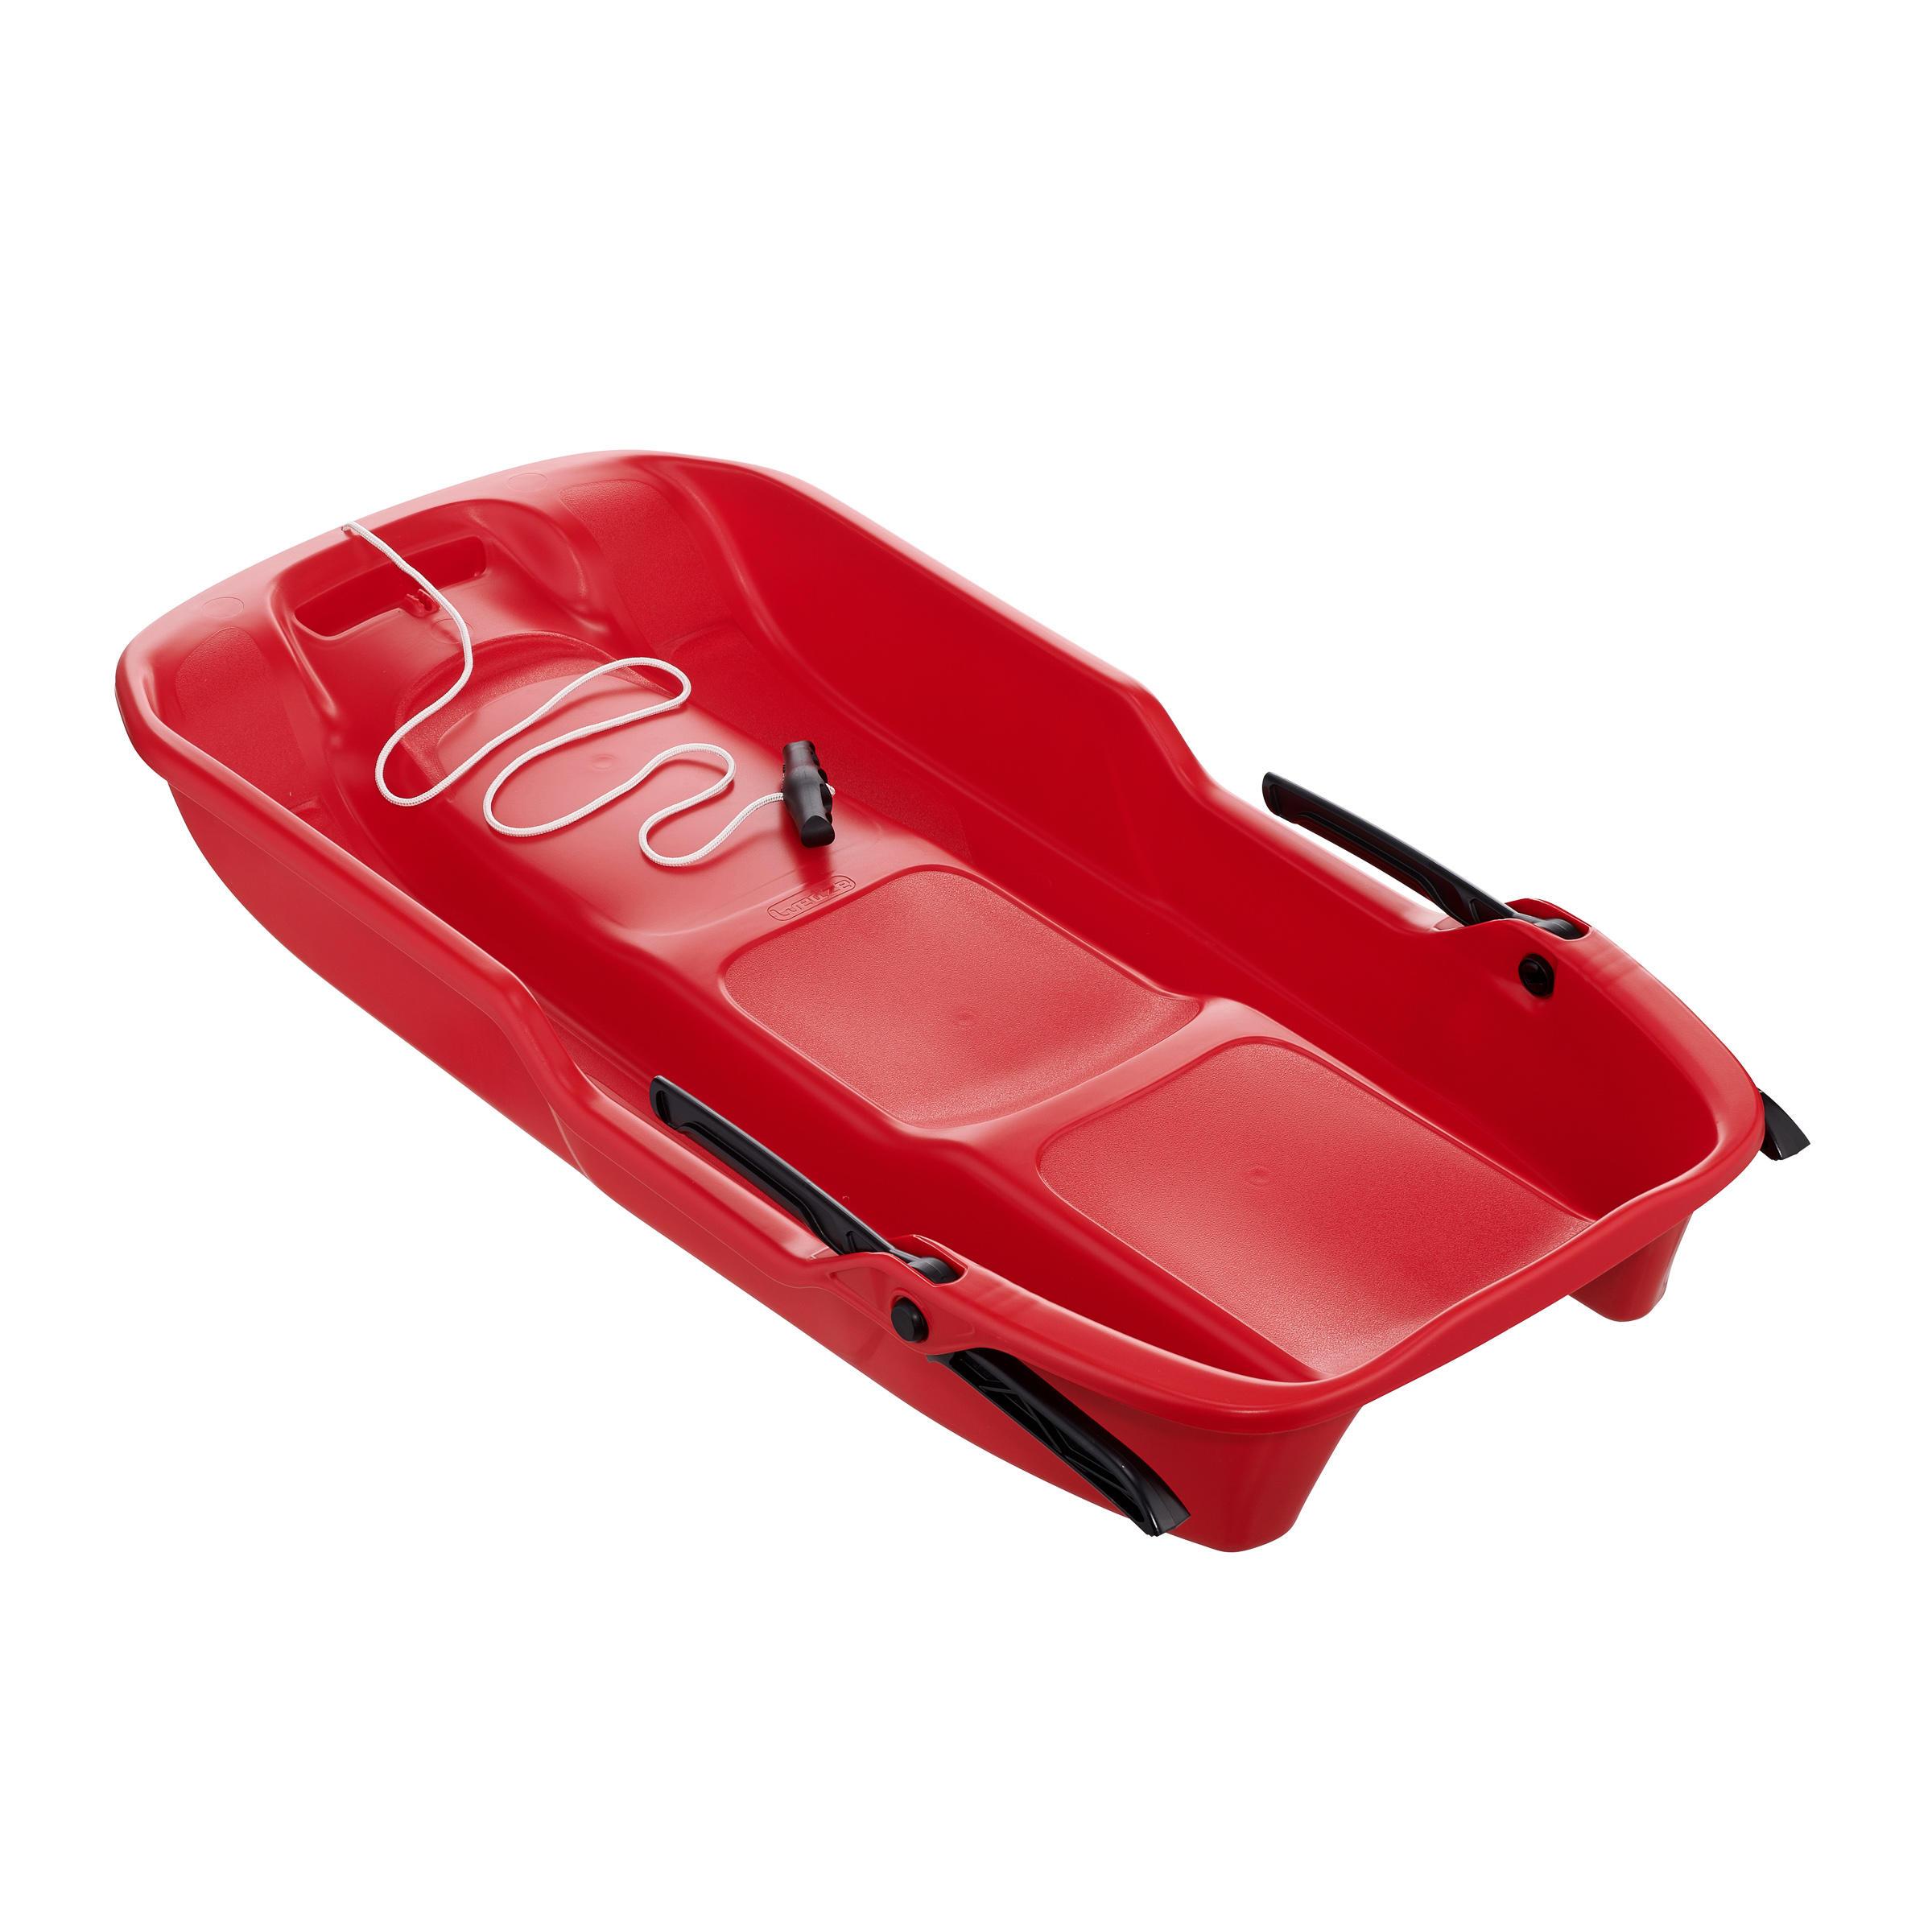 Luge plateau adulte avec frein rouge